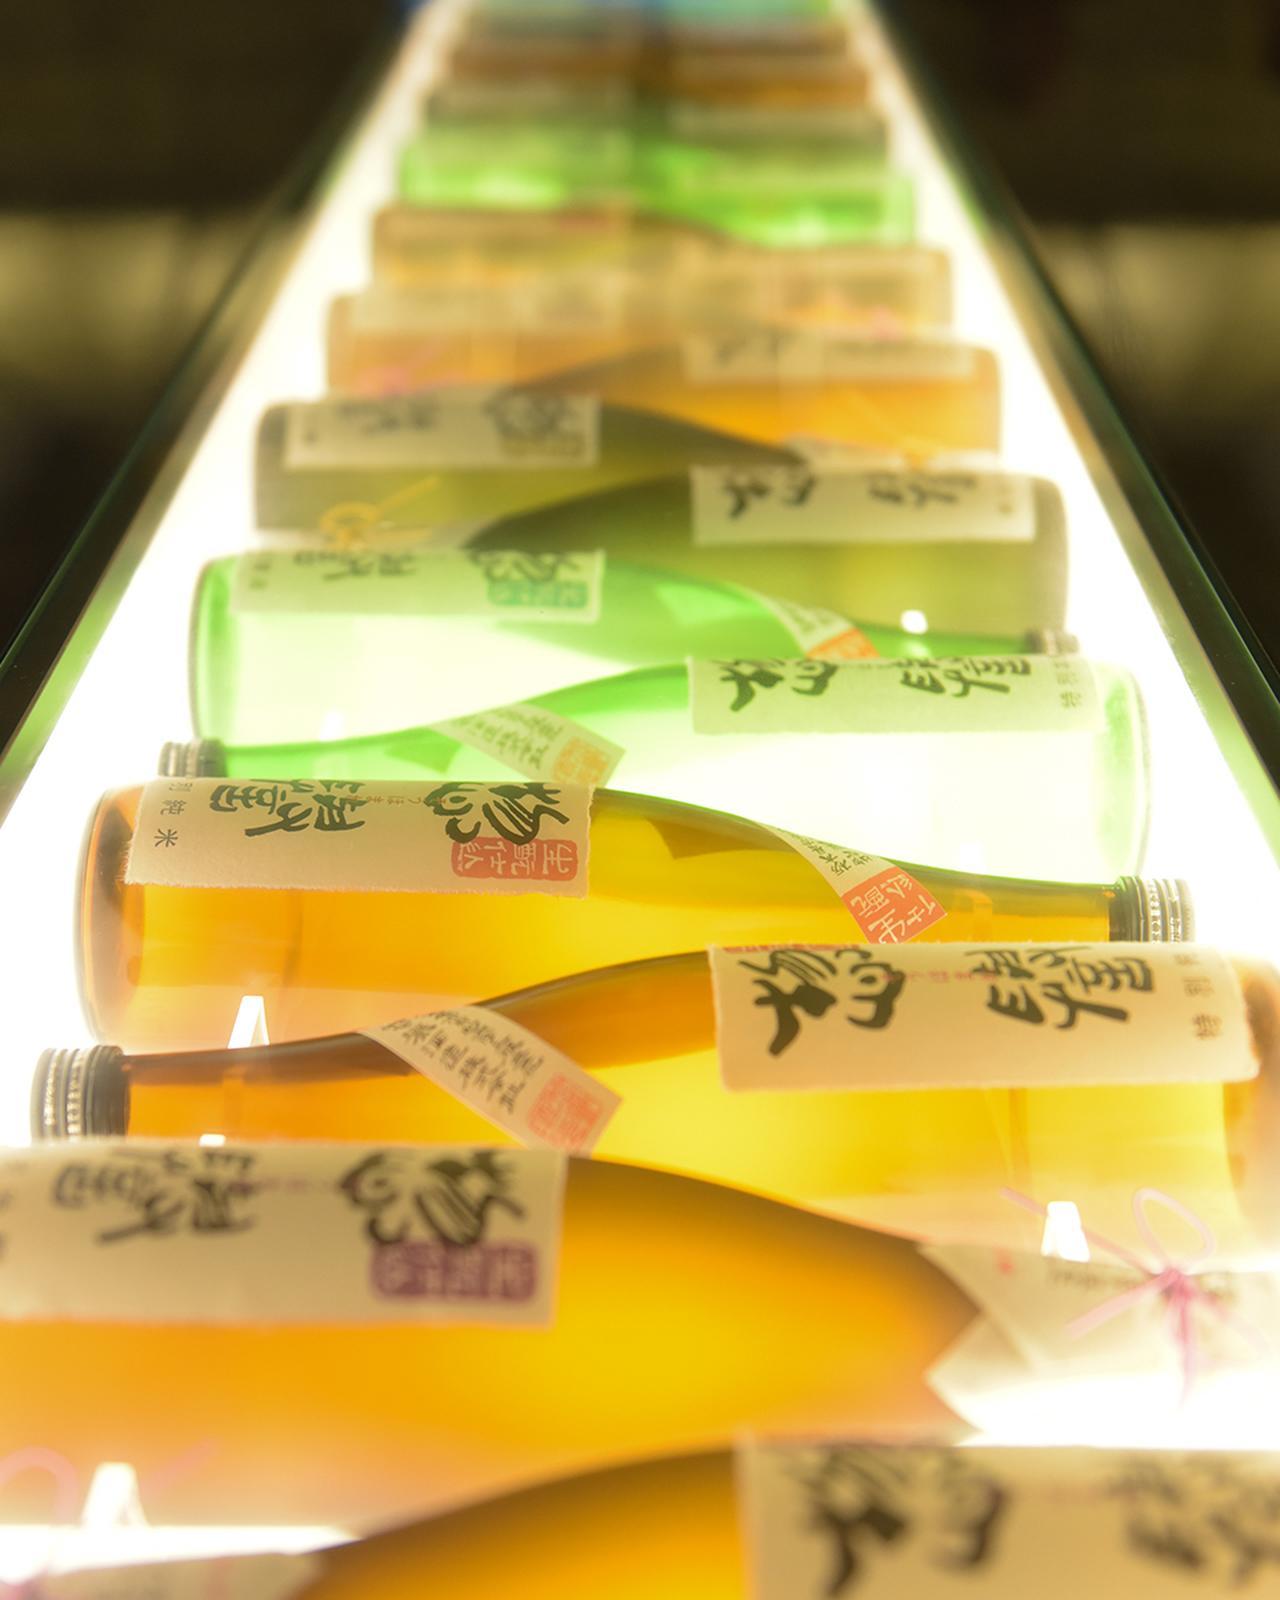 画像 : 4番目の画像 - 「アルマン・アルナルが仕掛けた 仏料理「メゾン プルミエール」と 日本酒「惣誉」の出会い」のアルバム - T JAPAN:The New York Times Style Magazine 公式サイト